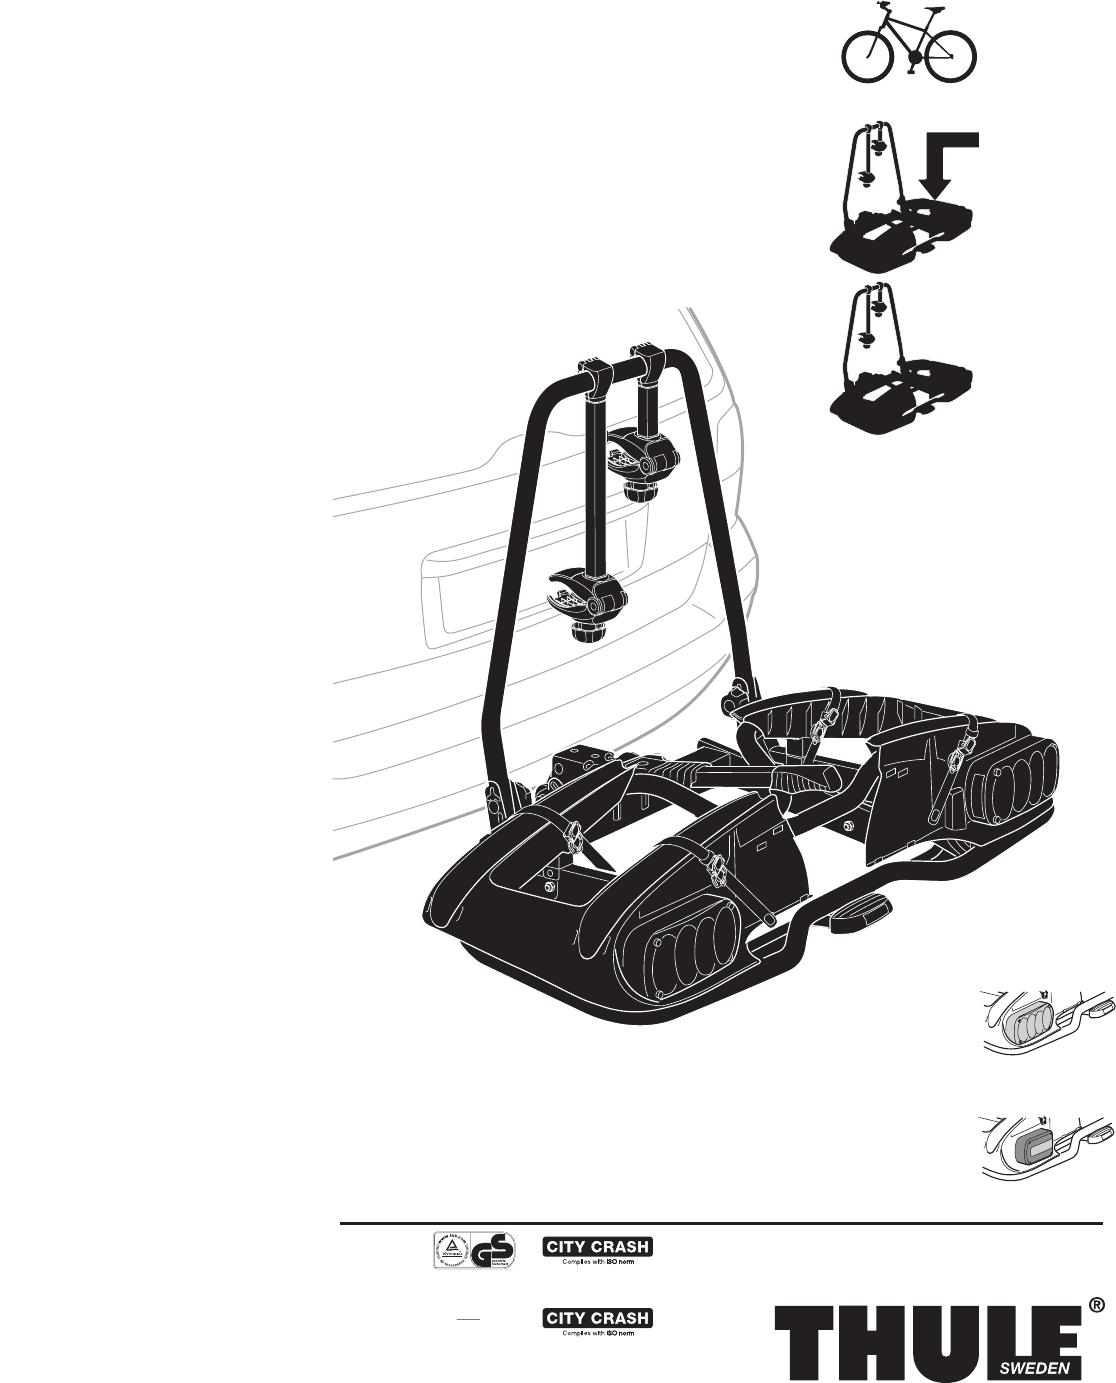 bedienungsanleitung thule europower 915 seite 1 von 16. Black Bedroom Furniture Sets. Home Design Ideas